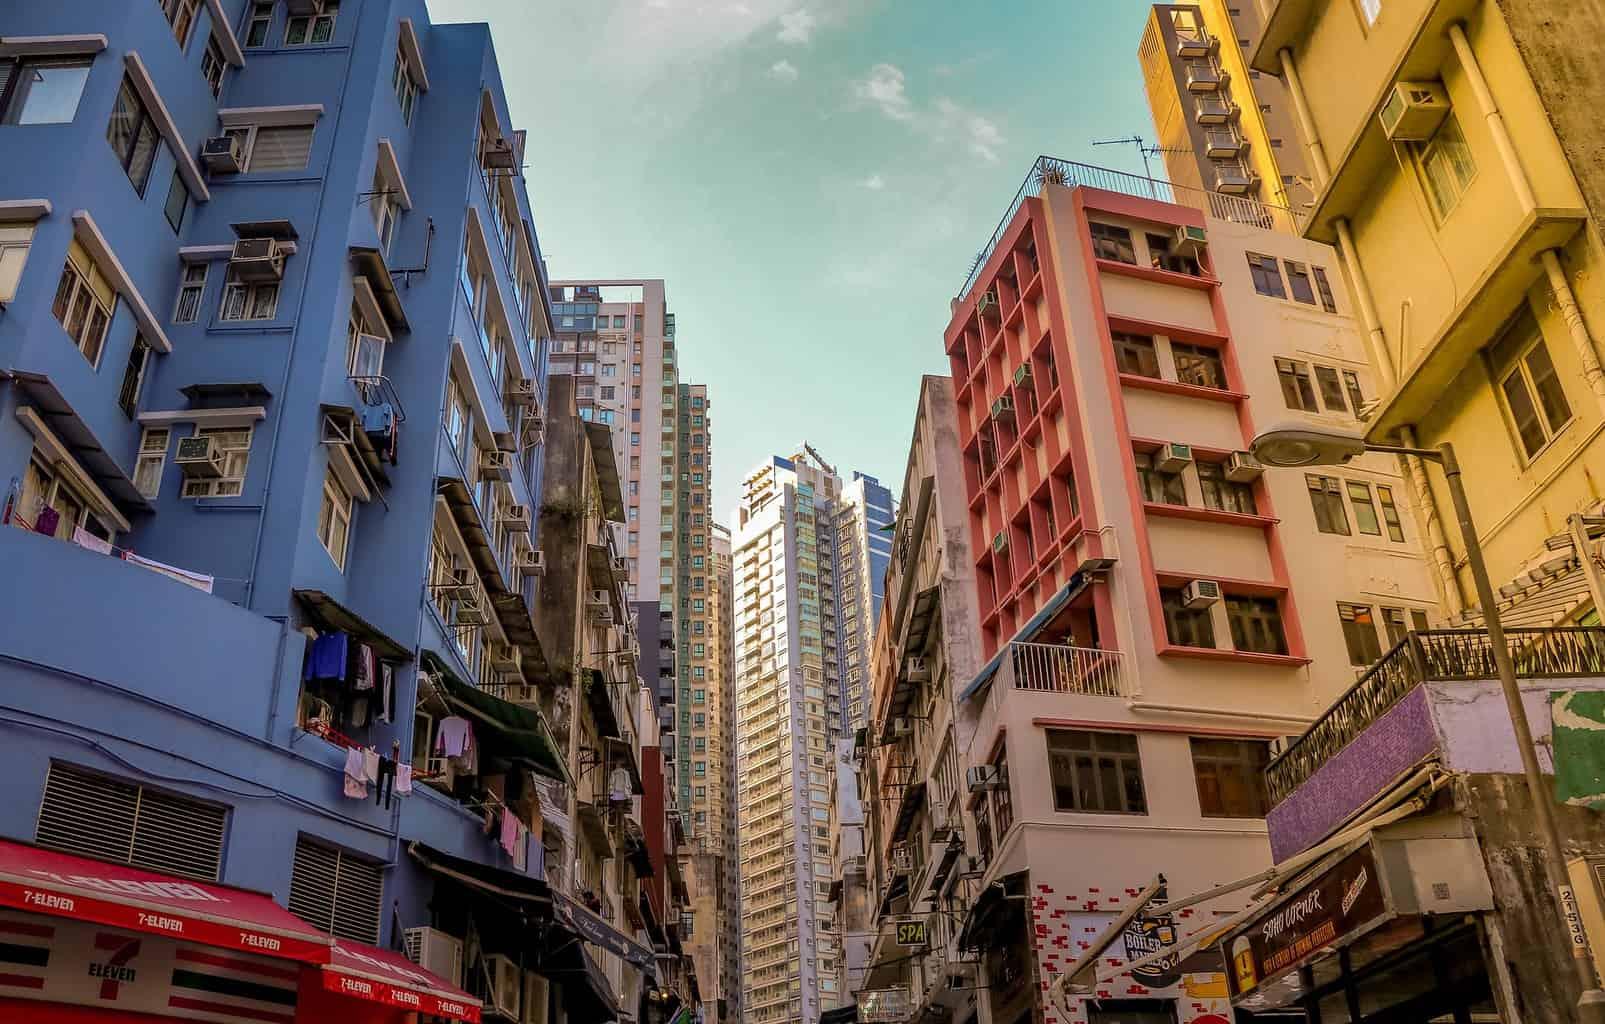 choi hung estate hidden gems in hong kong